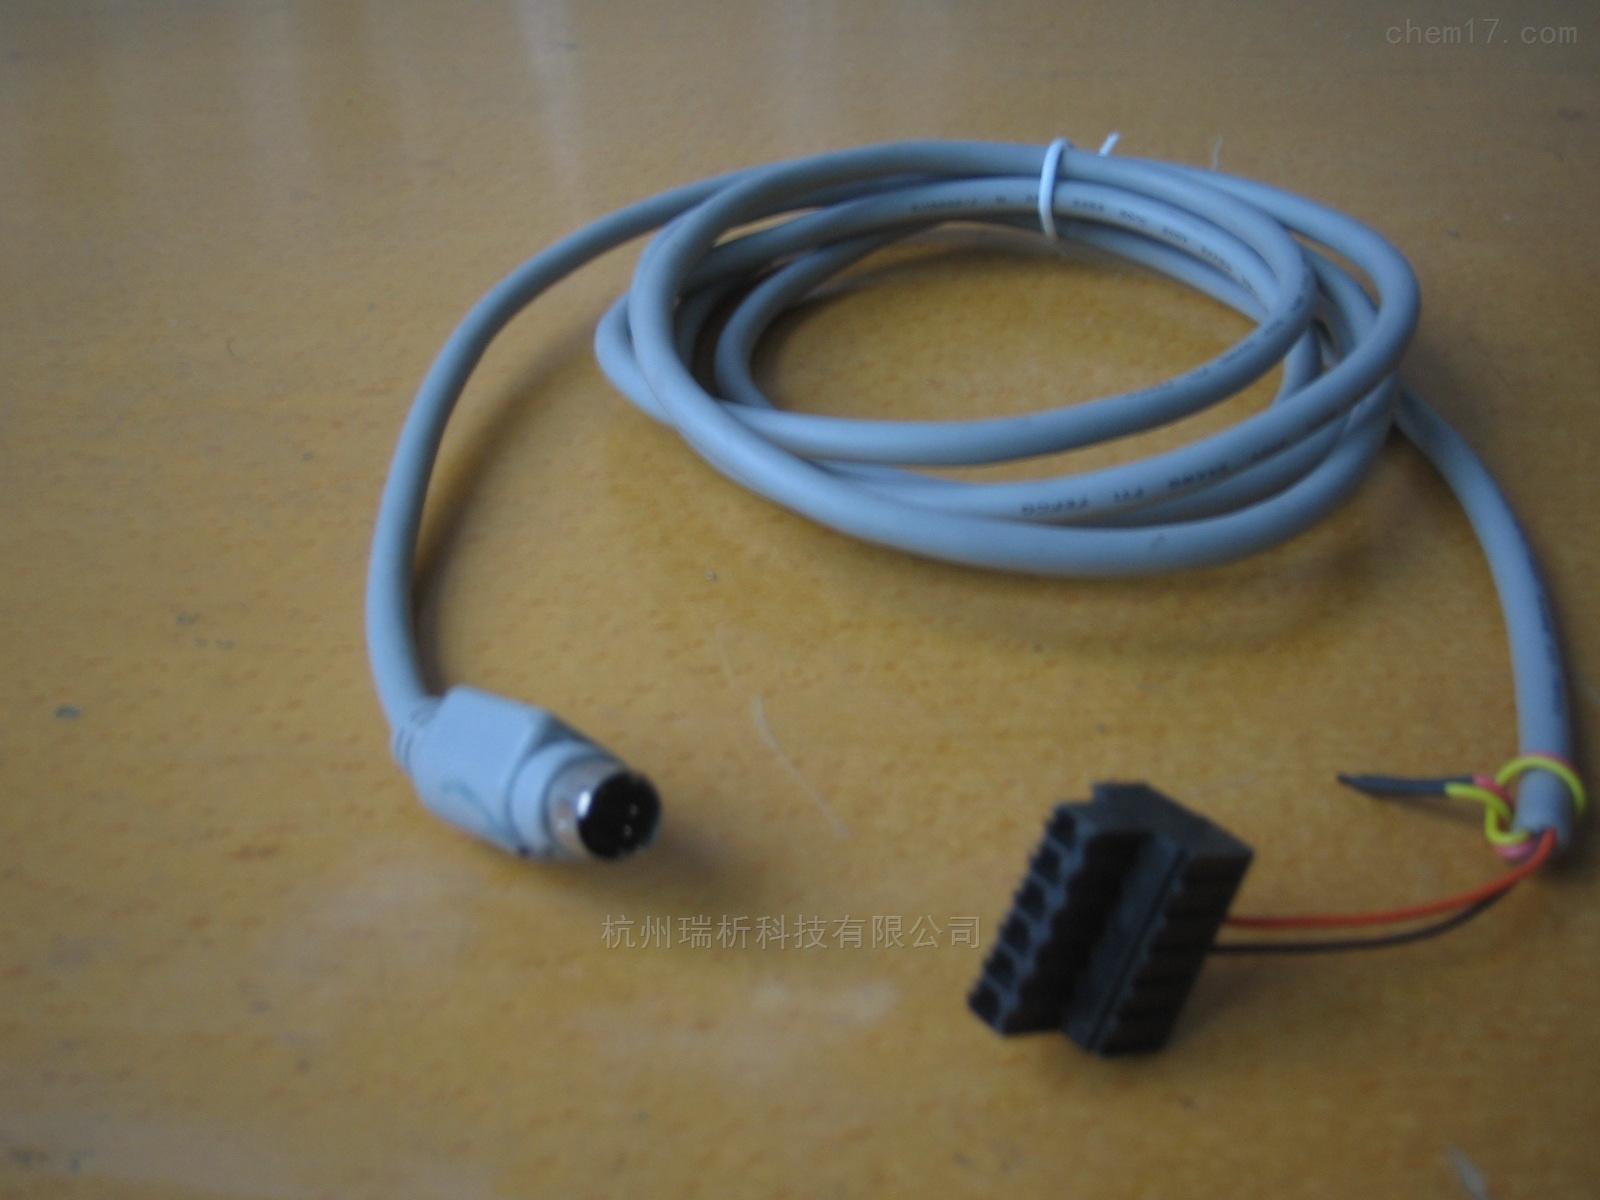 控制器的4针触发信号线